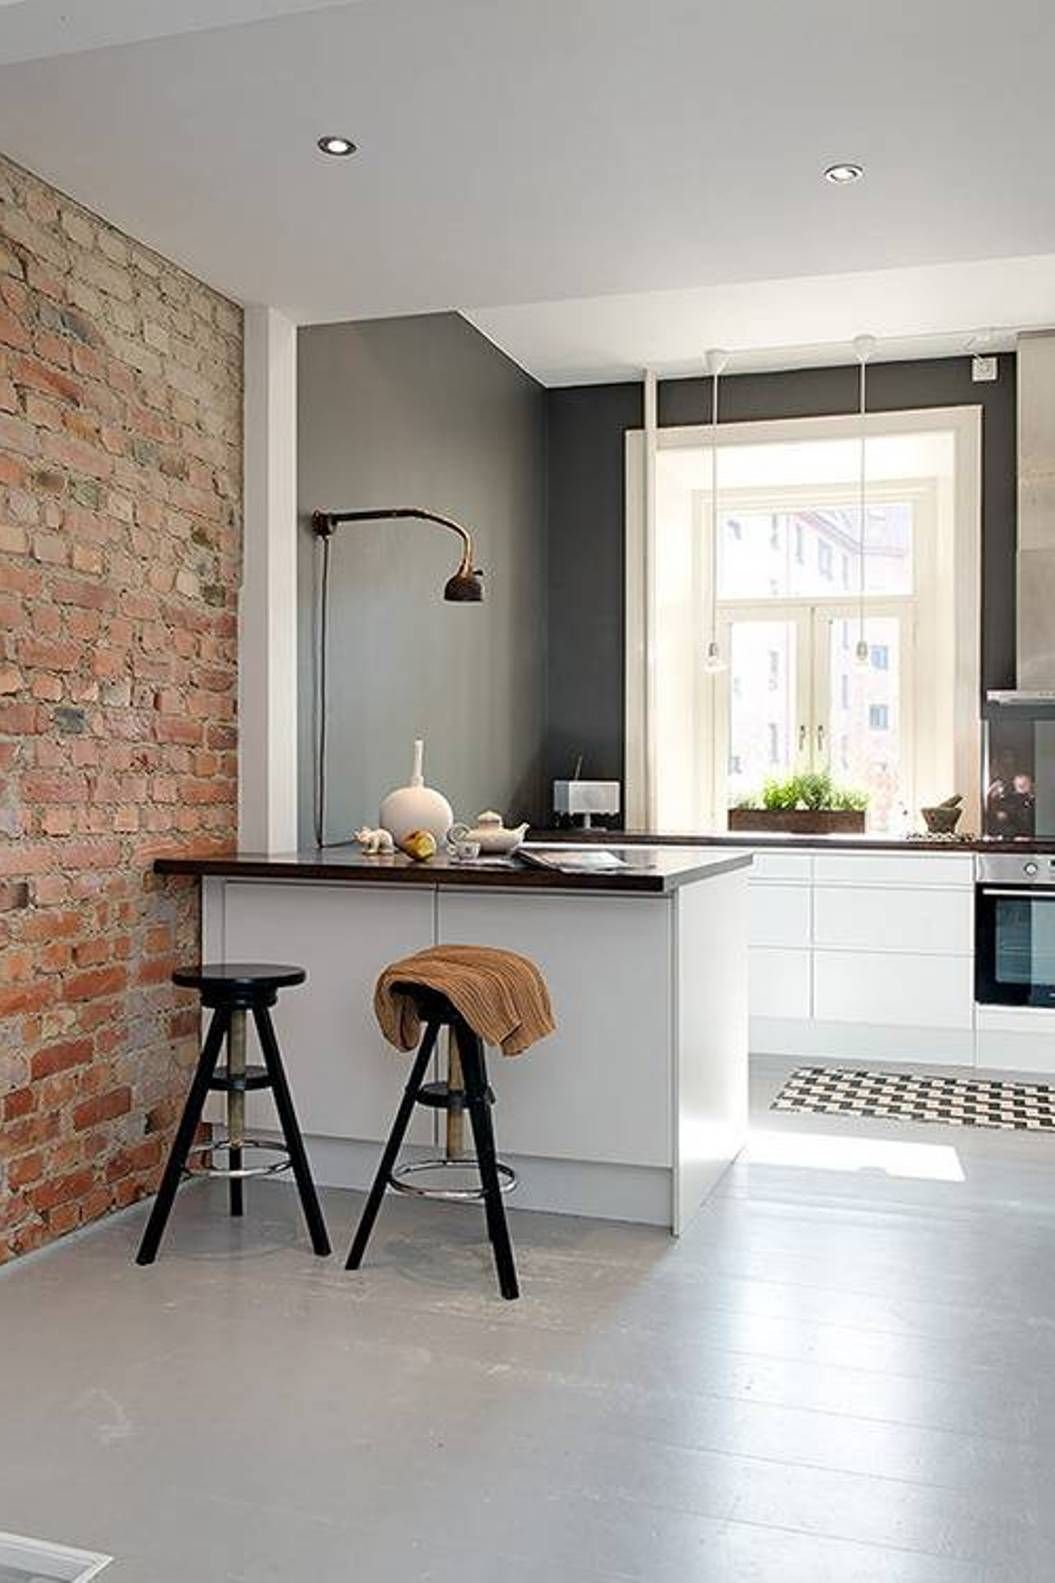 Sie gestalten küchen-design-ideen good wall color ideas for small kitchen design  resourcedir home